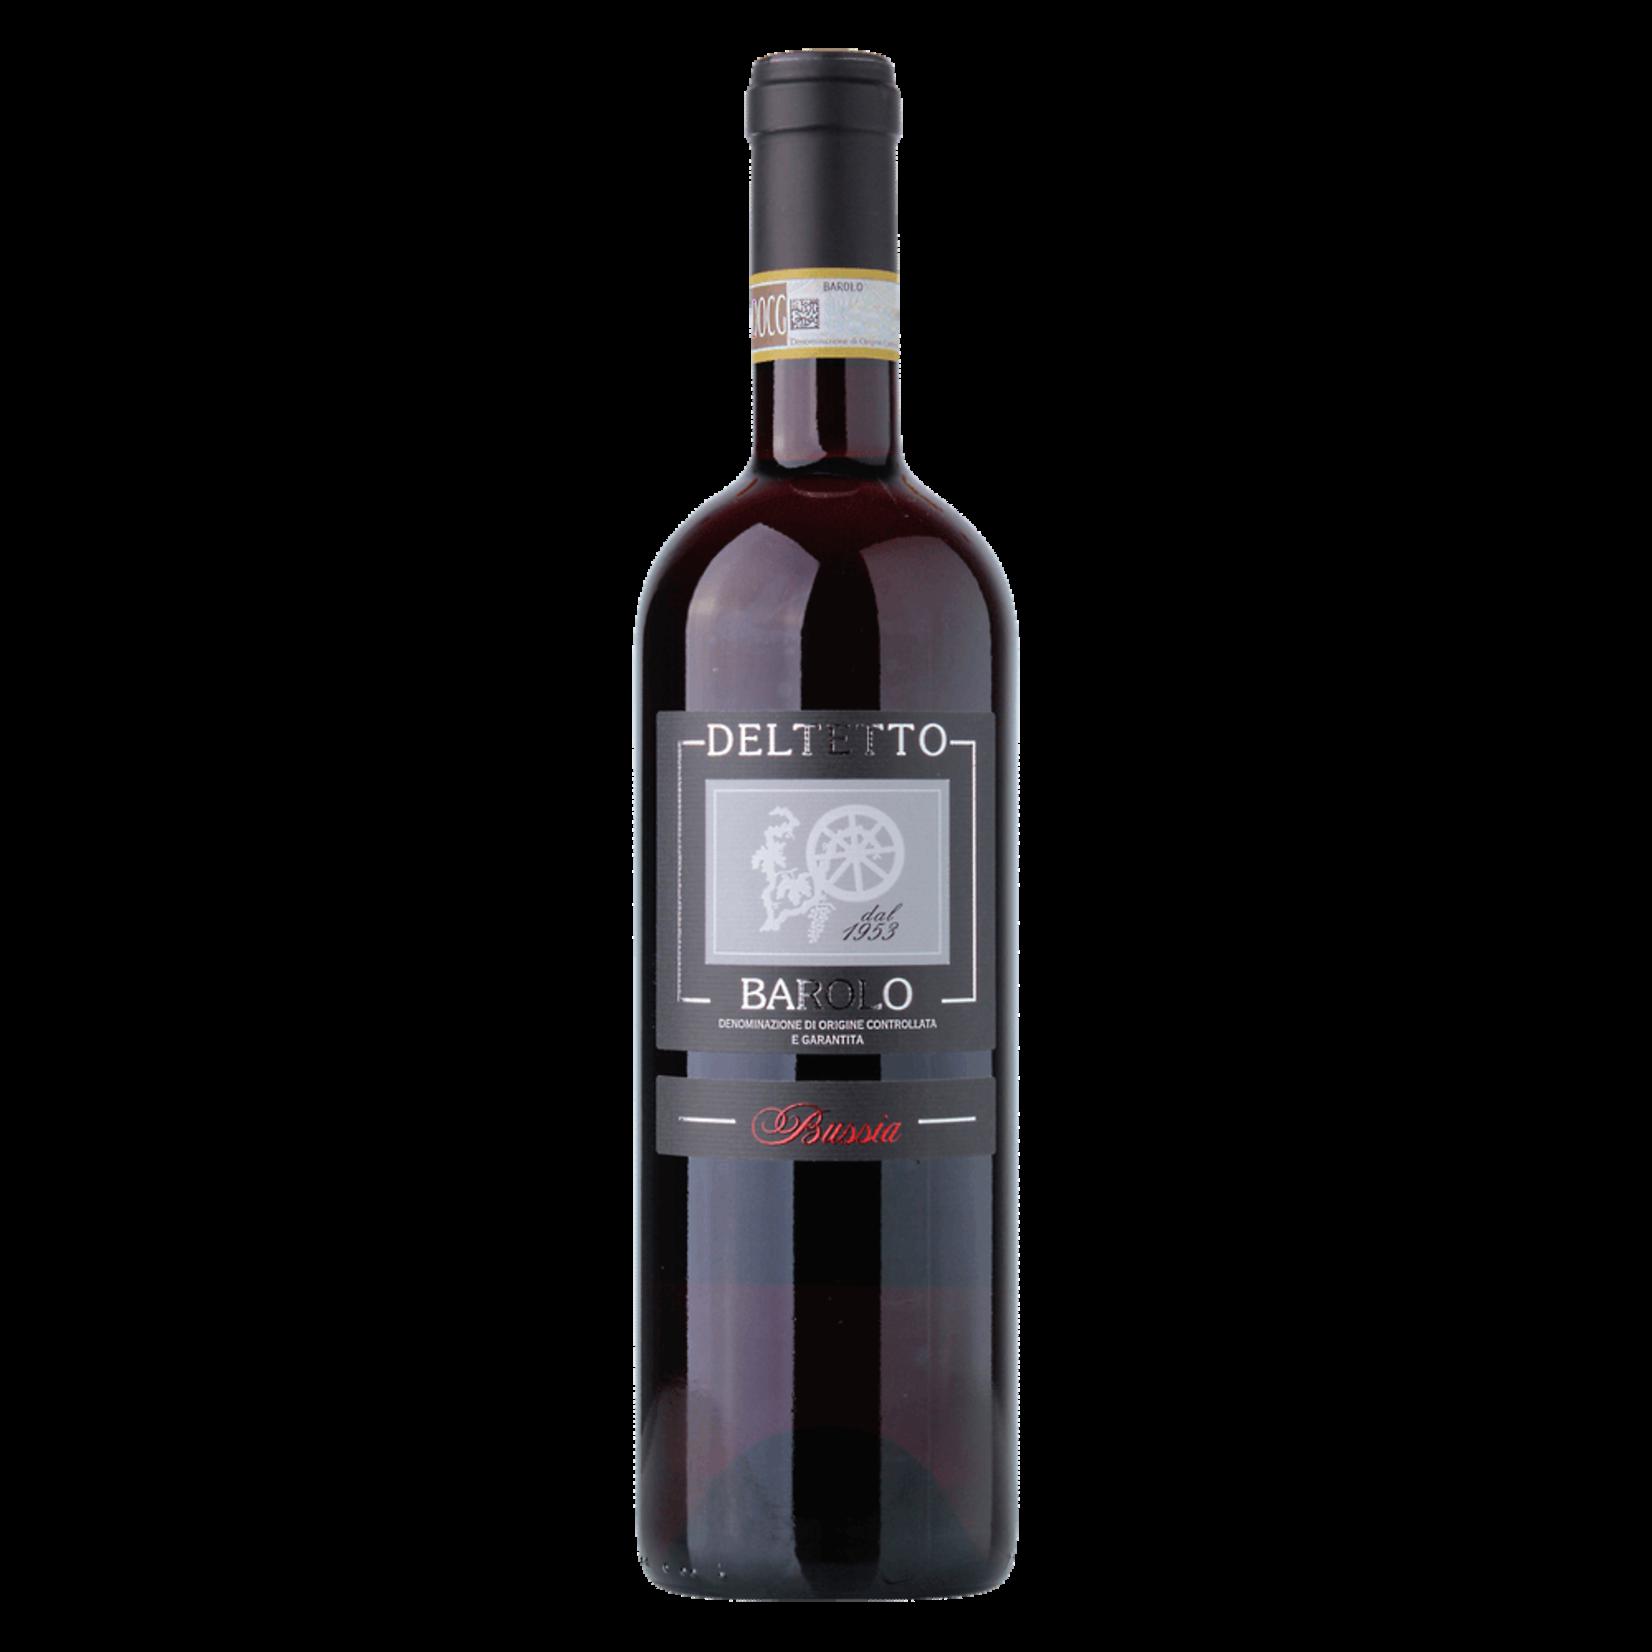 Wine Deltetto Barolo Bussia 2012